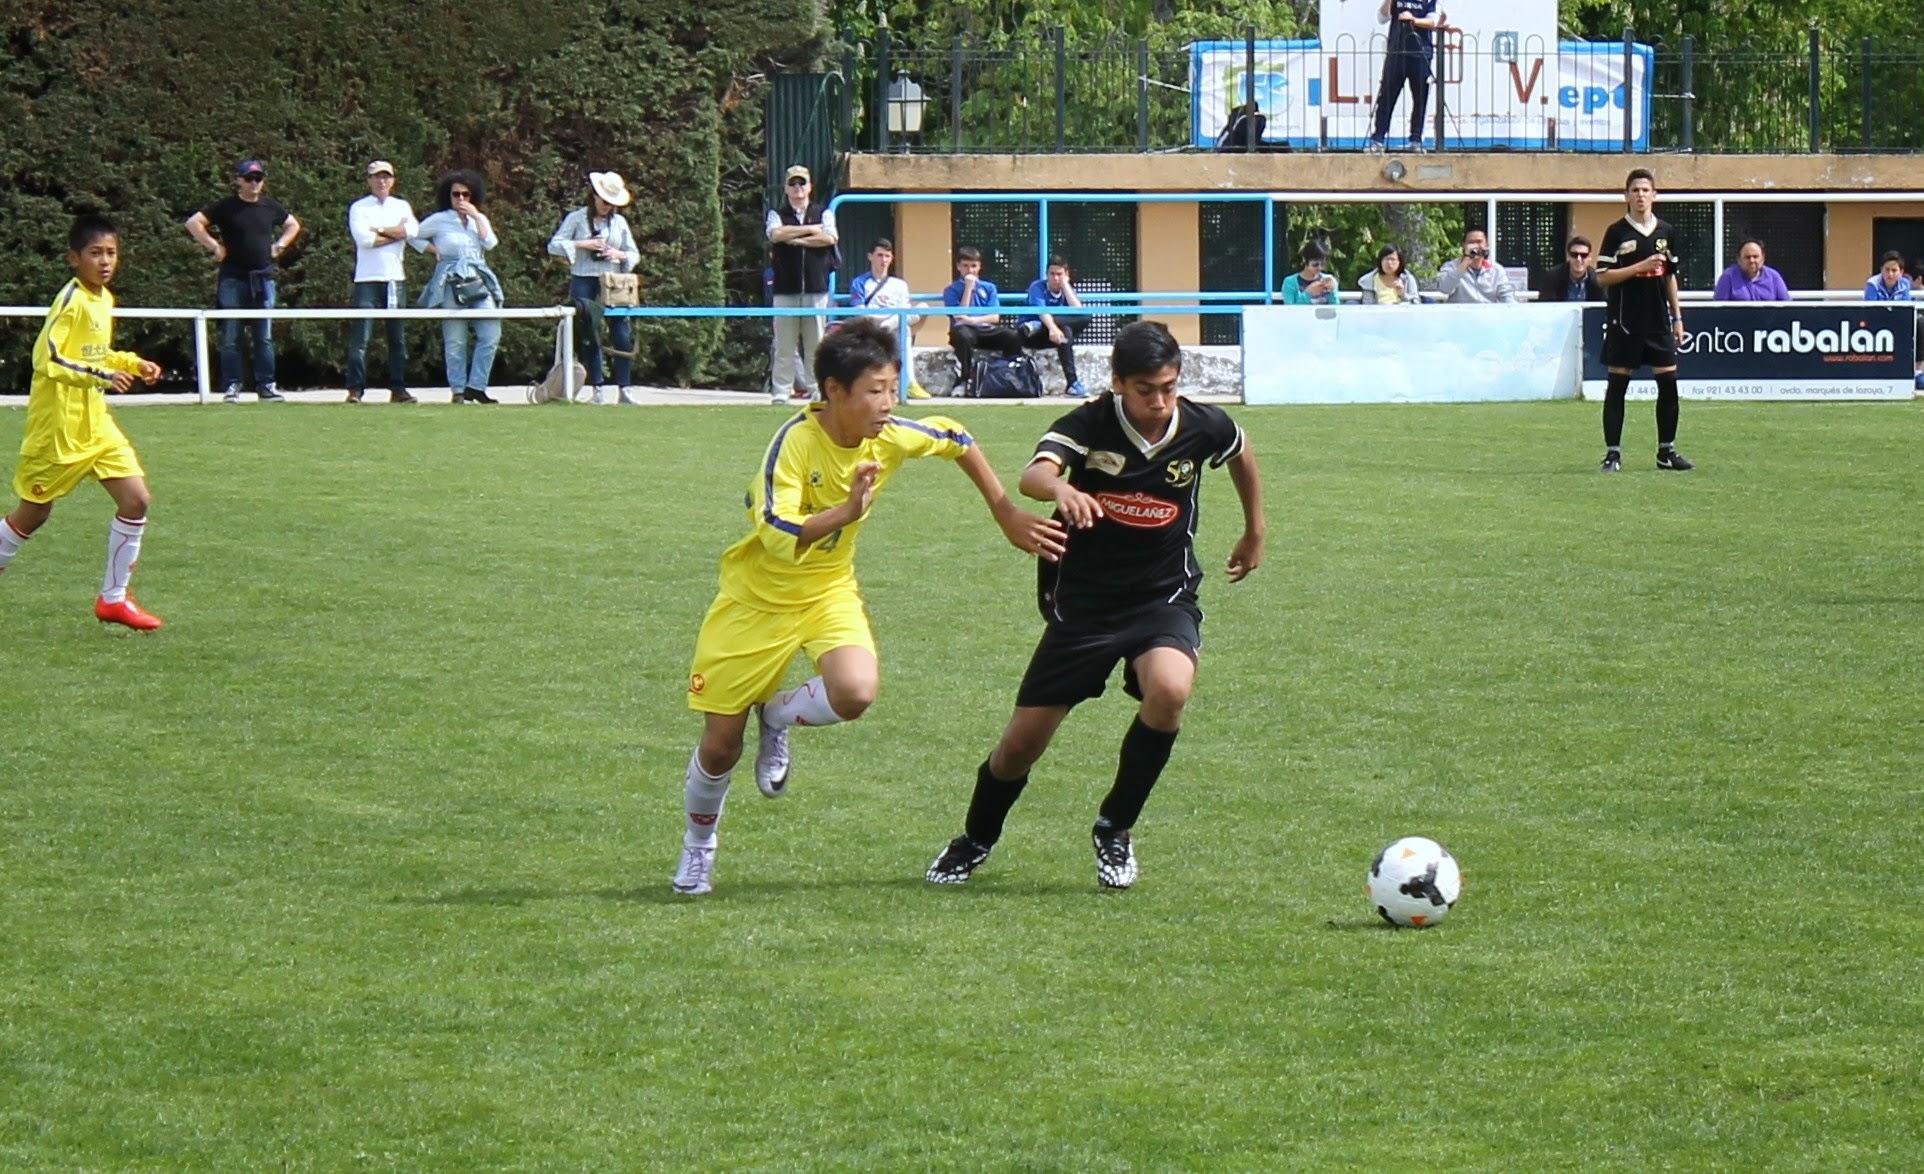 Fotos de la participación del infantil de la EDM en el torneo internacional Real Sitio Cup